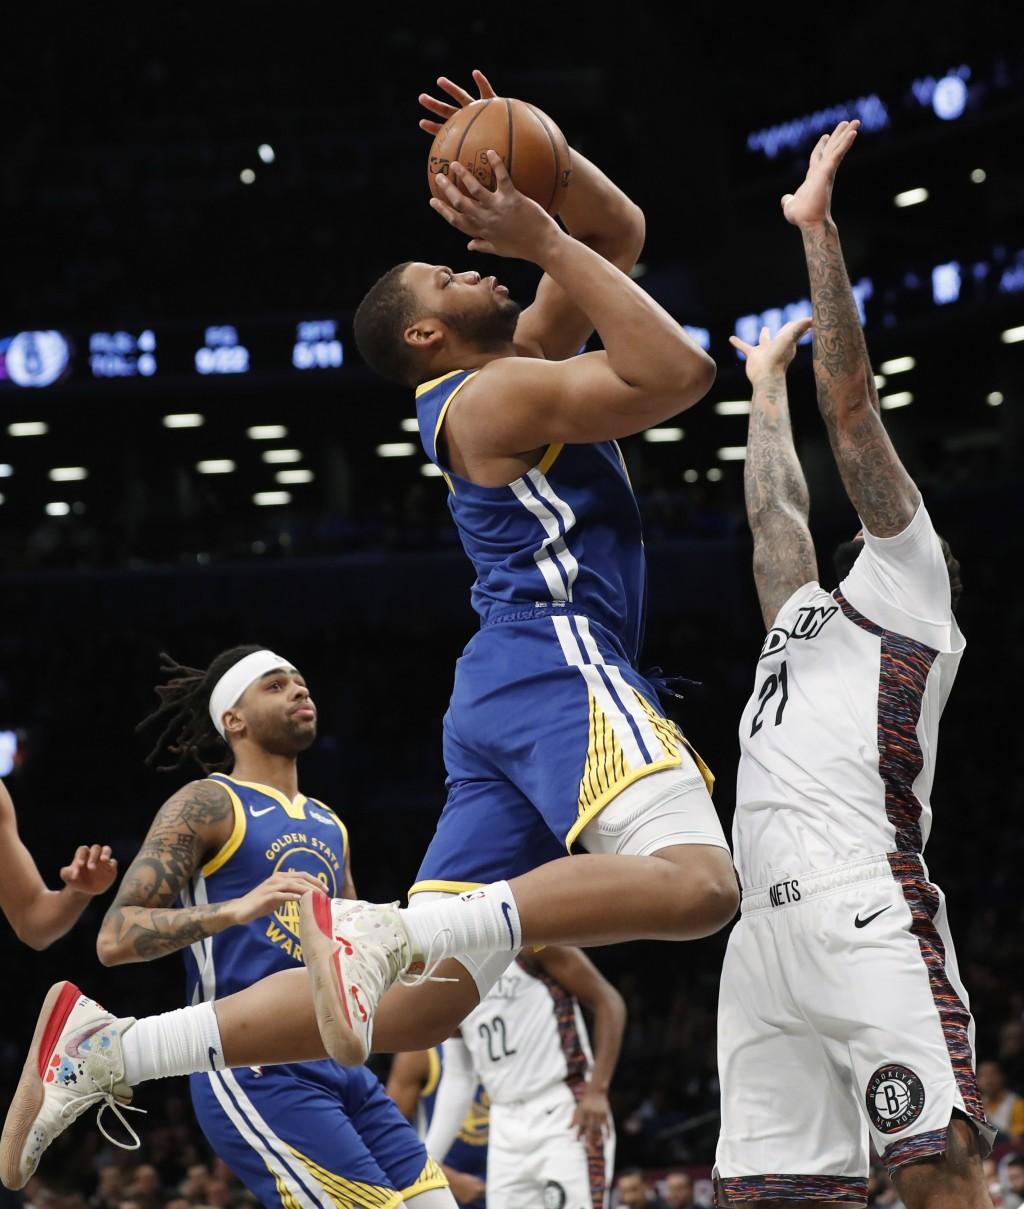 Golden State Warriors forward Omari Spellman (4) shoots as Brooklyn Nets forward Wilson Chandler (21) defends during the first half of an NBA basketba...